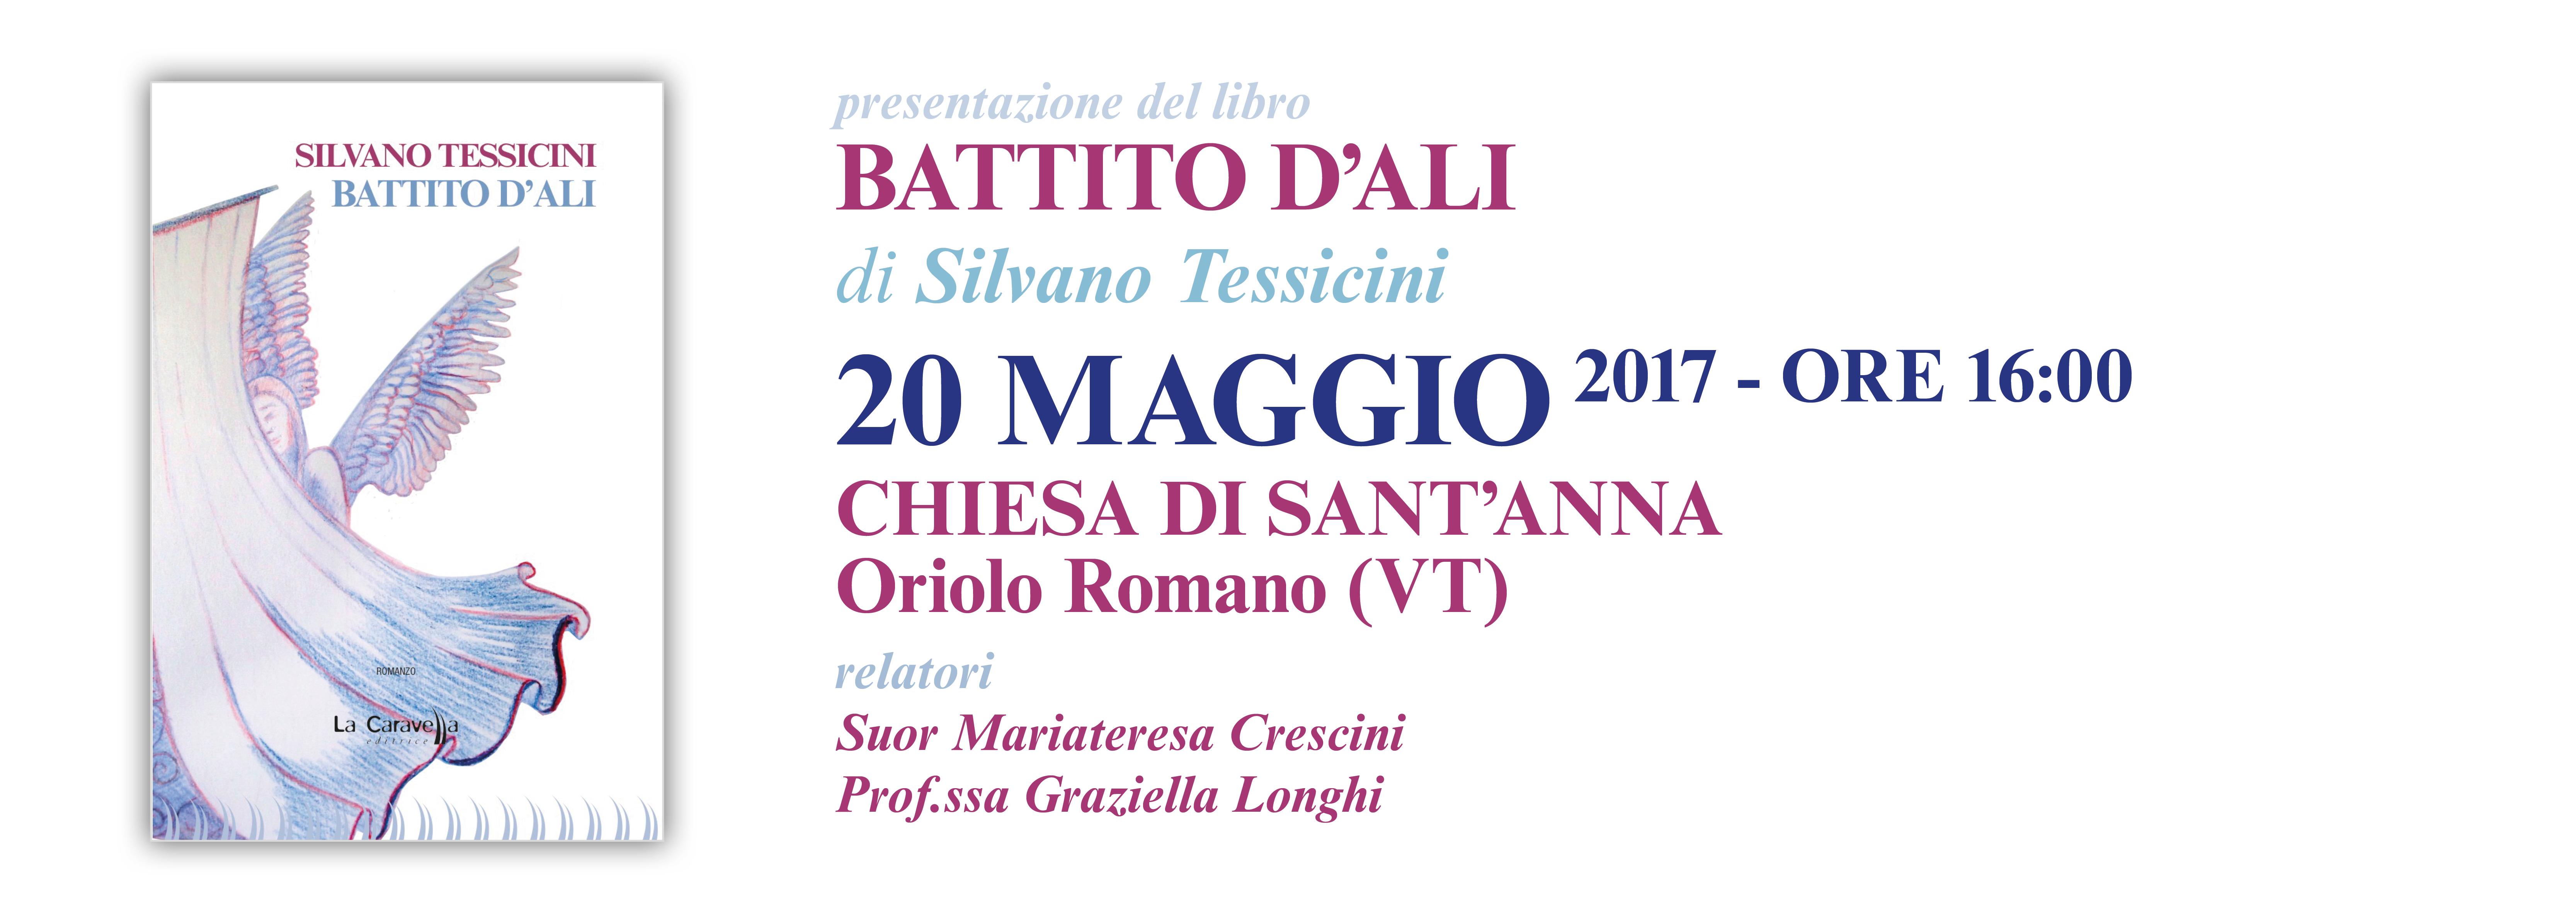 Presentazione del libro BATTITO D'ALI di Silvano Tessicini